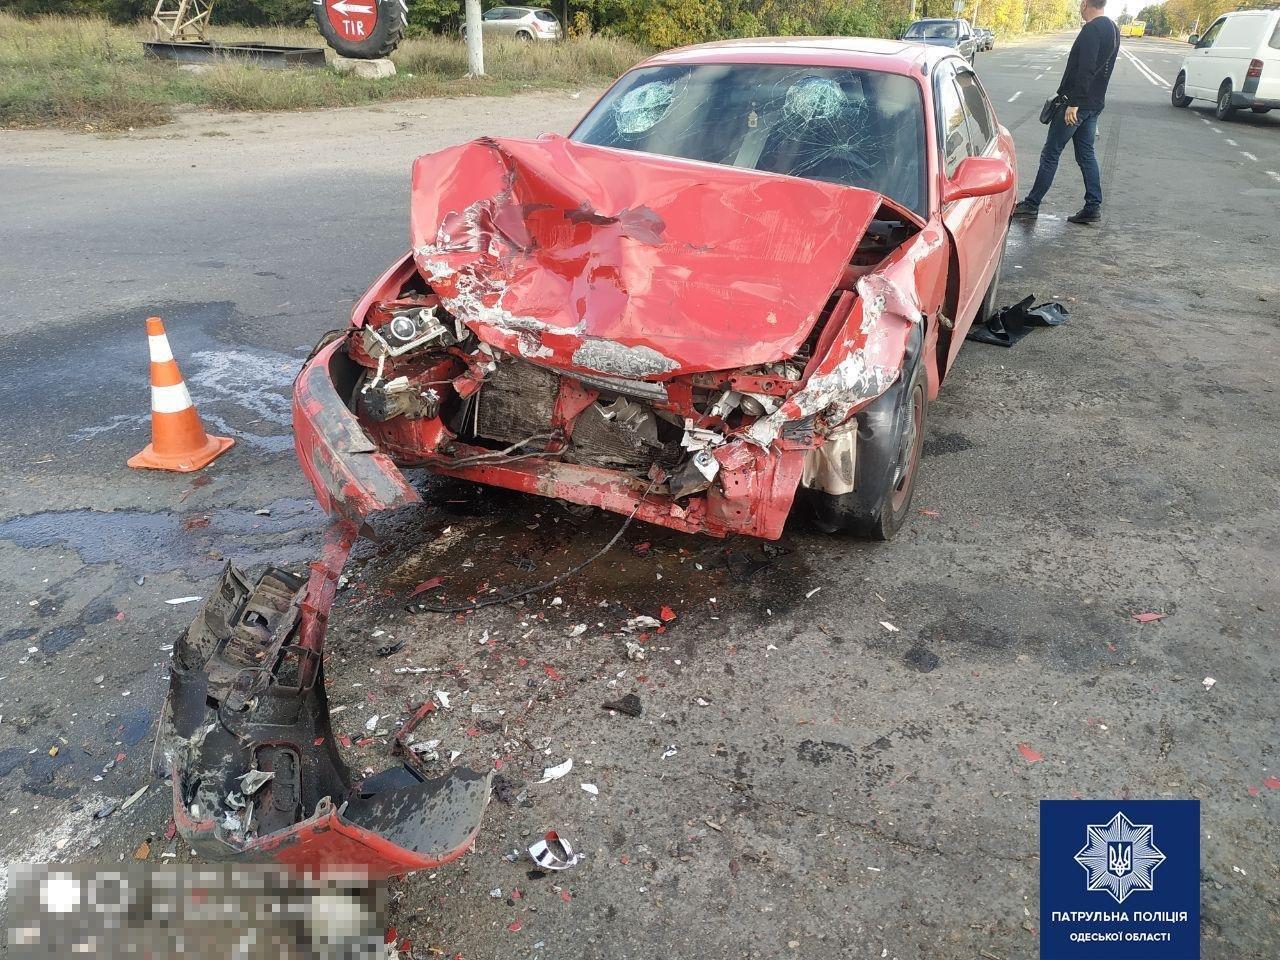 Под Одессой столкнулись Mazda и Жигули, есть пострадавшие, - ФОТО, фото-2